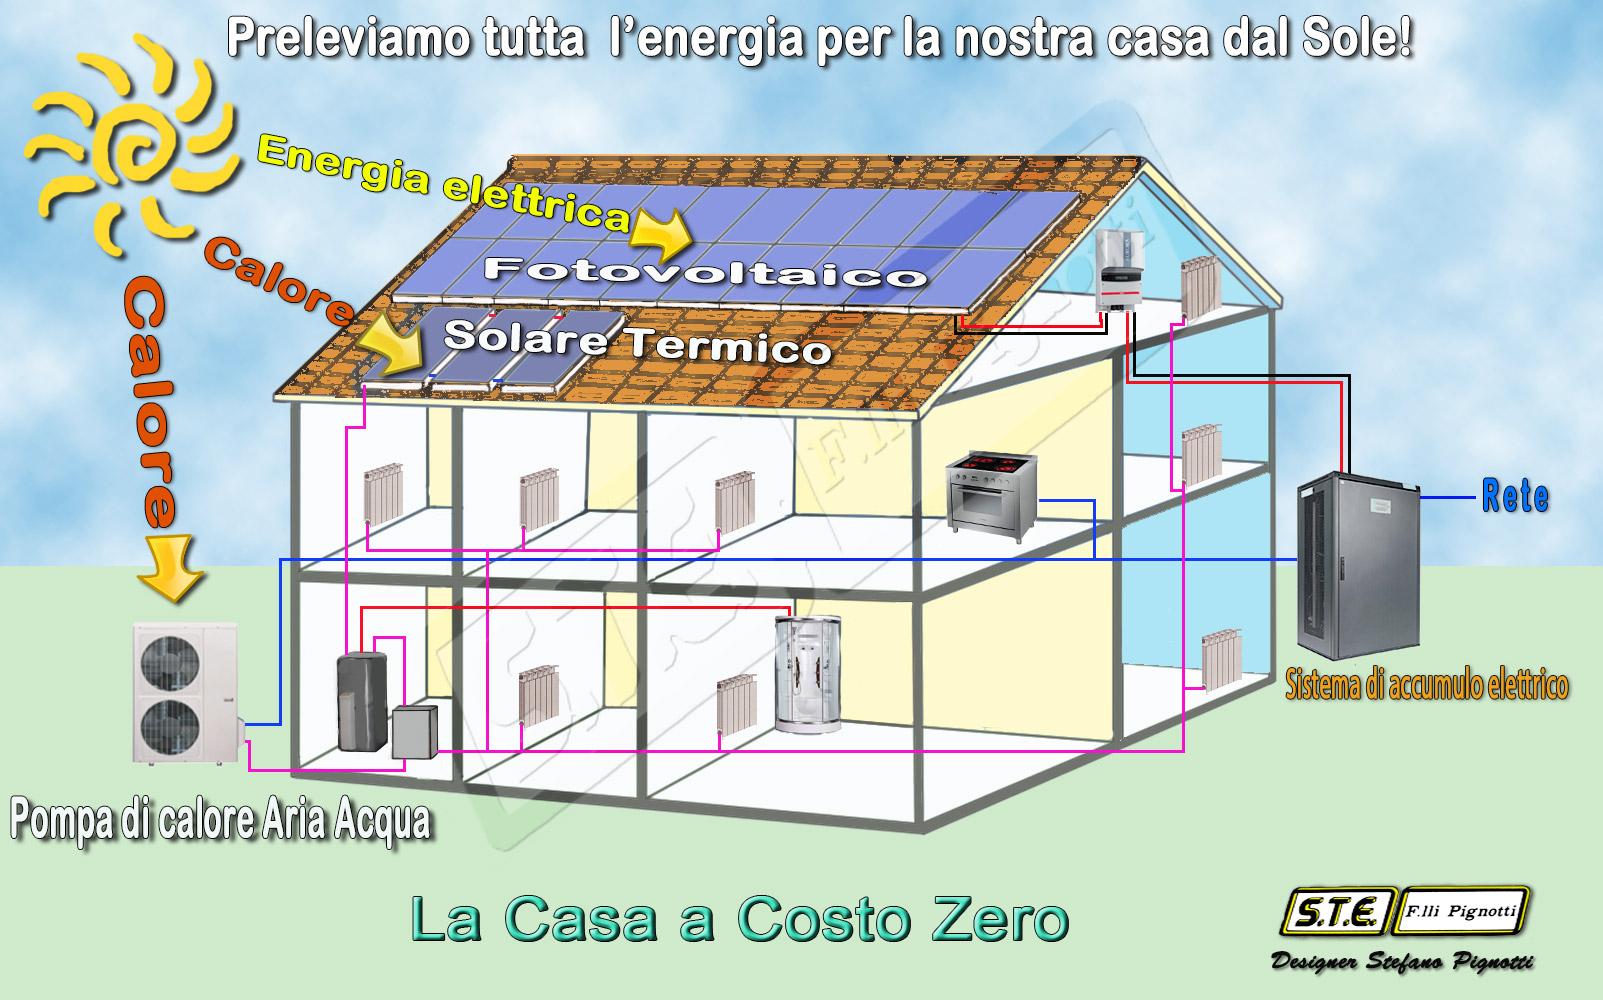 Mobili lavelli costo medio riscaldamento abitazione gpl for Semplici piani casa a basso costo